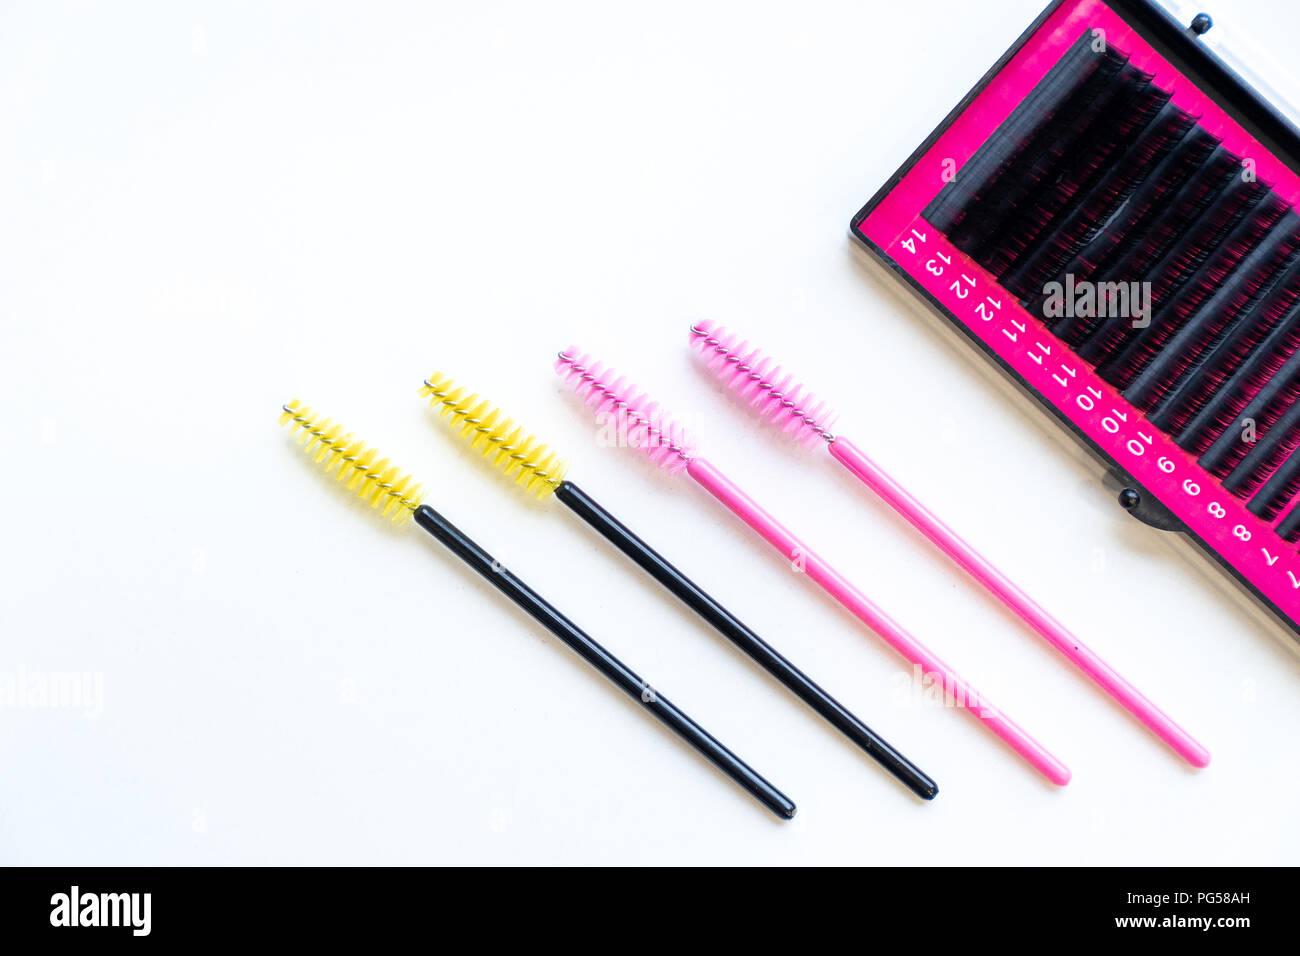 Top View Colourful Of Micro Eyelash Brushes Mascara Wan And Fake